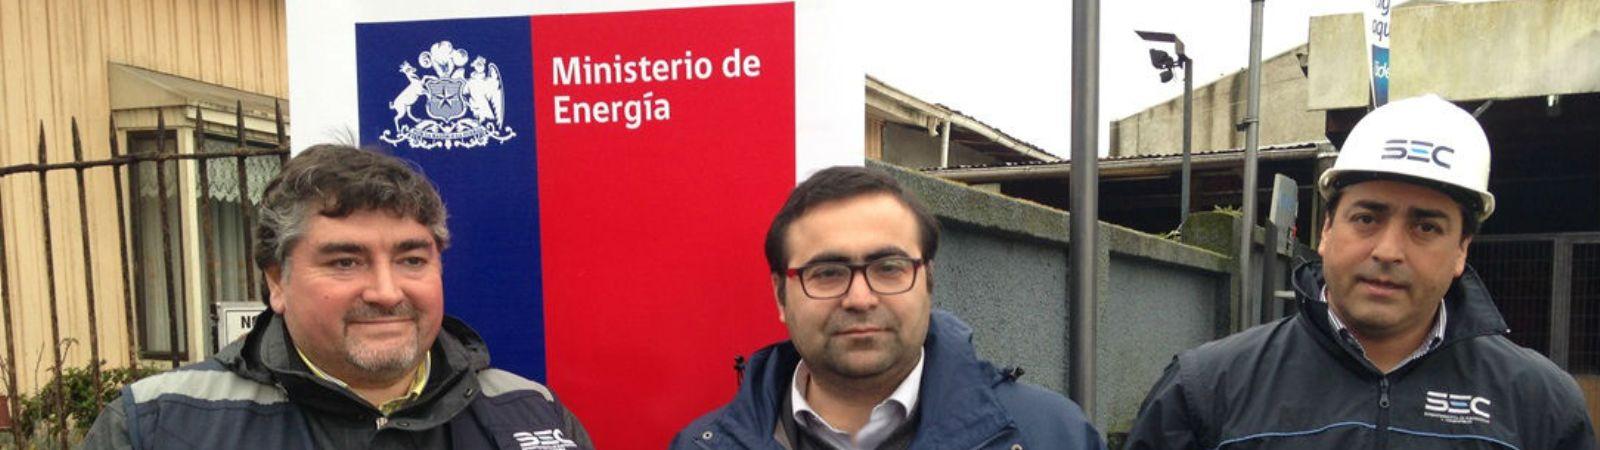 Imagen: Seremi de Energía Región de Los Rios.